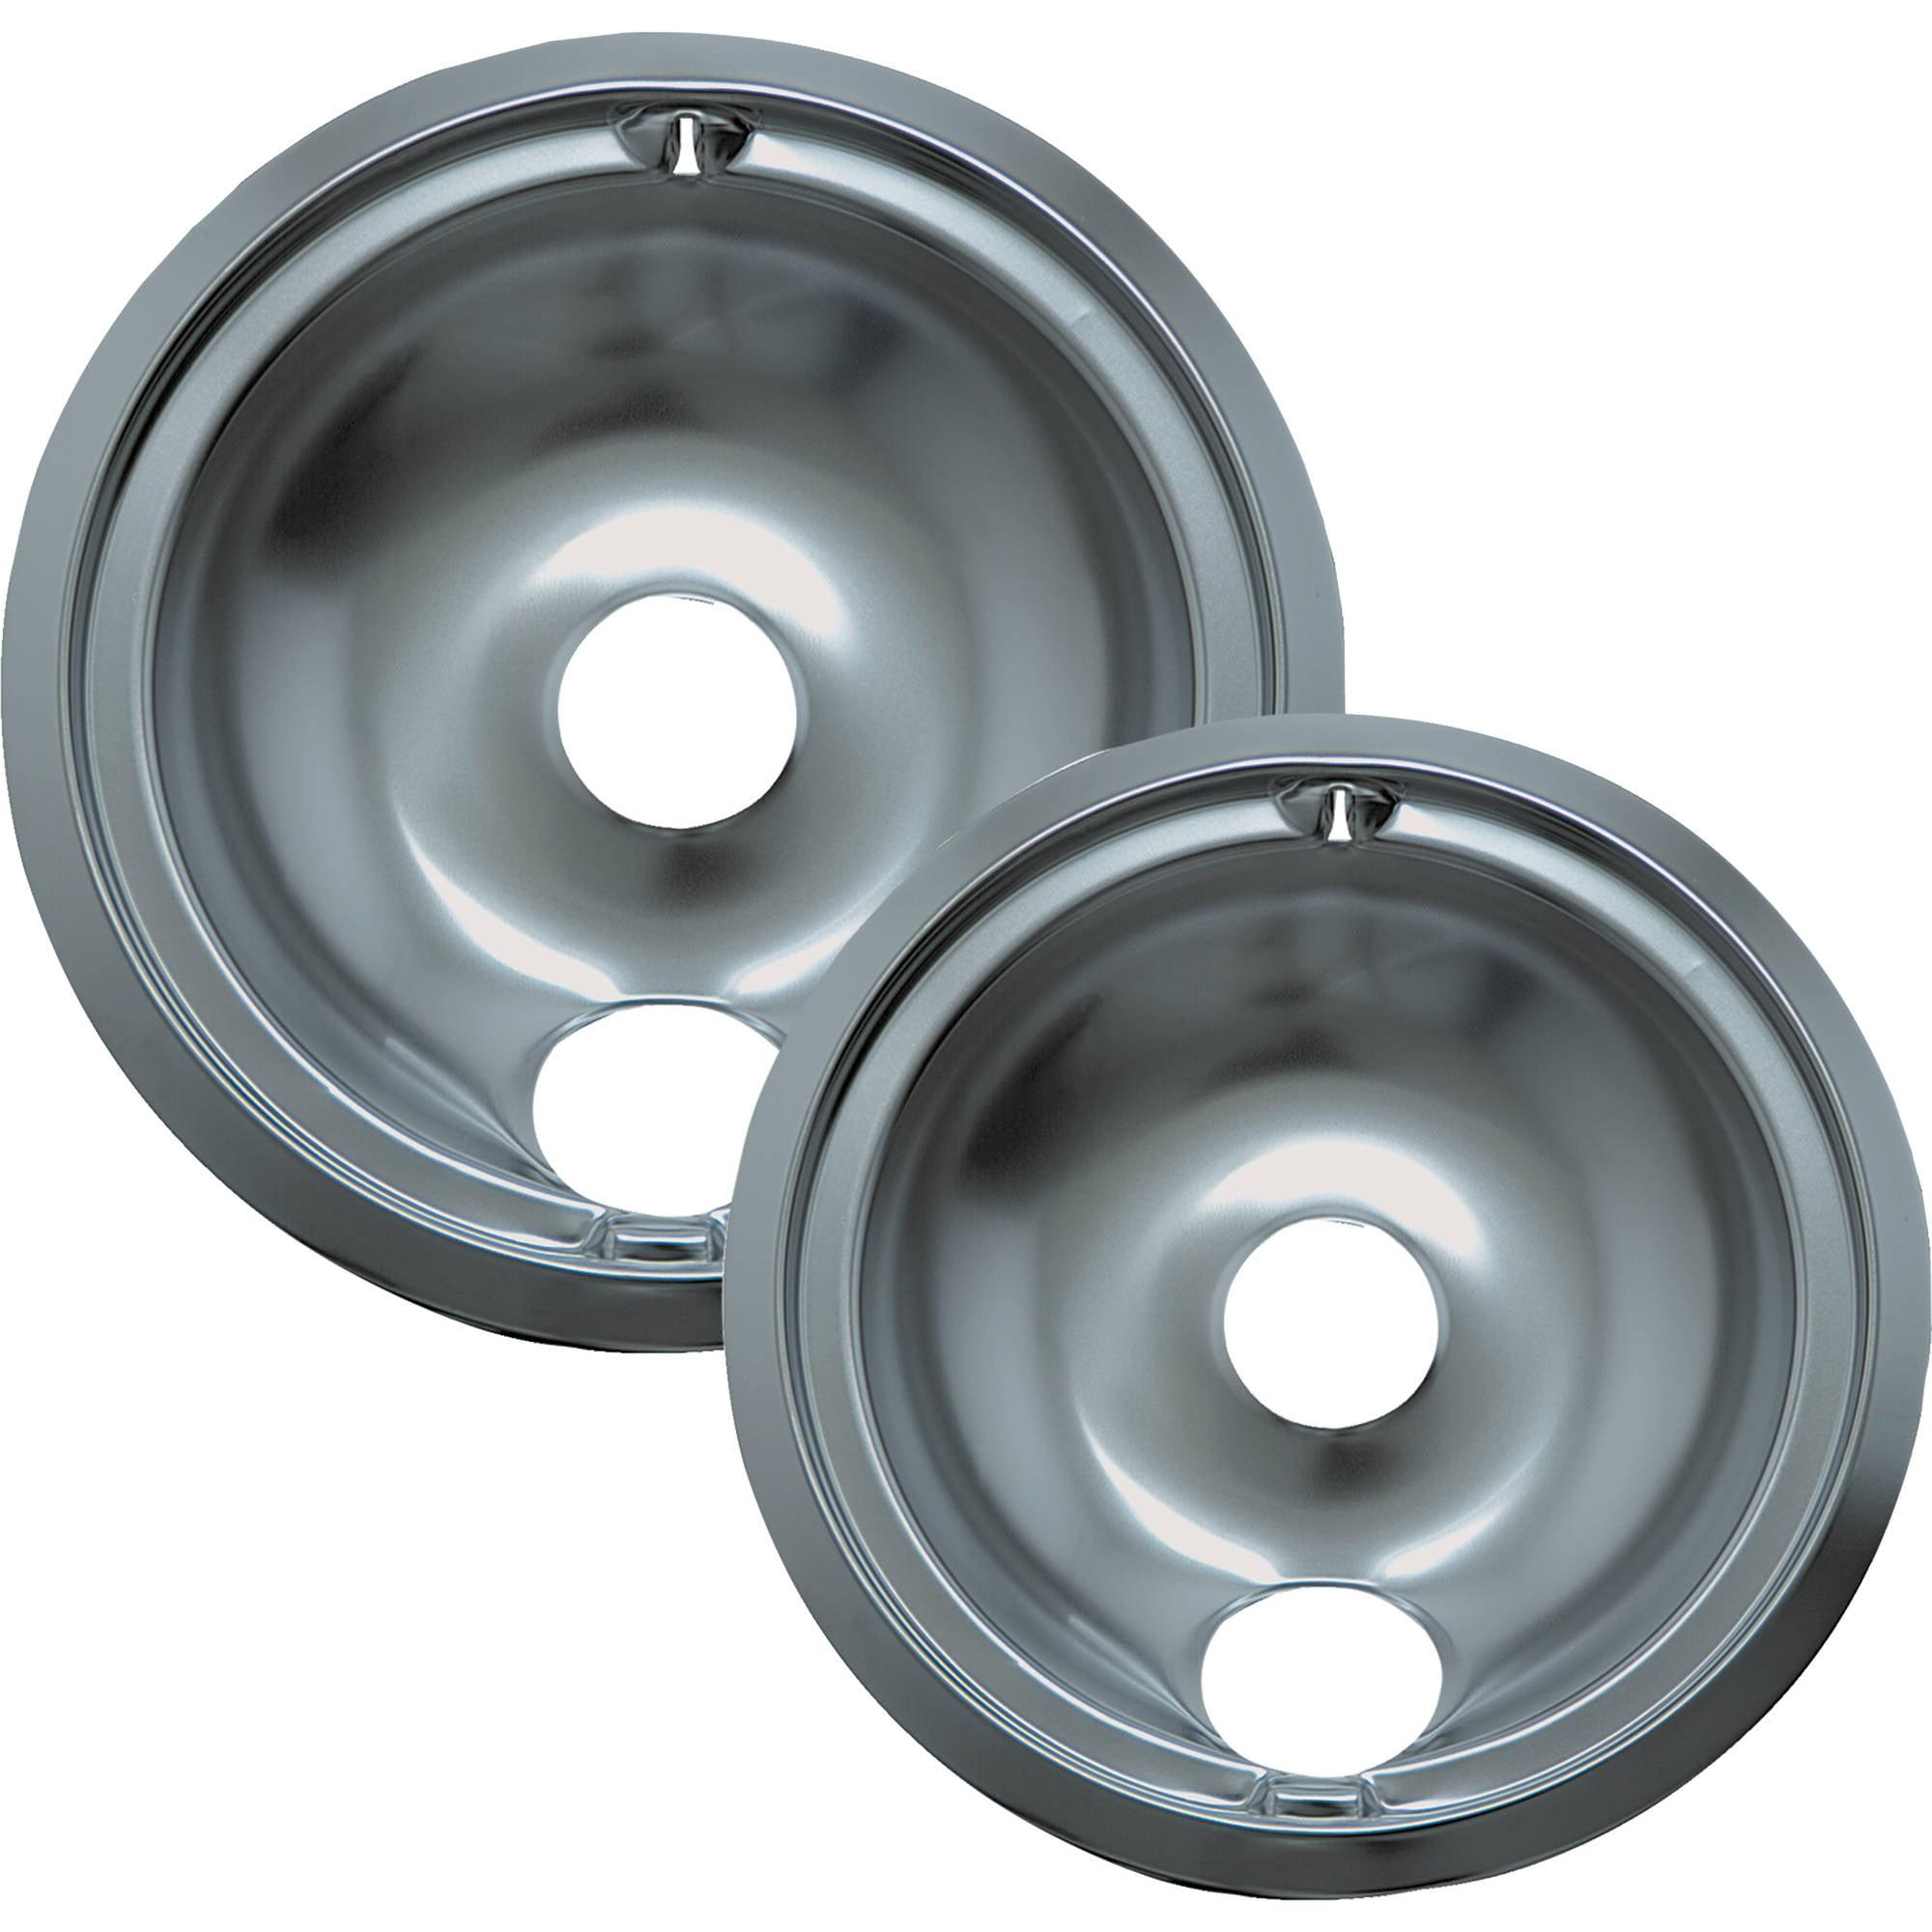 Range Kleen Drip Pan, Style B, 2pk